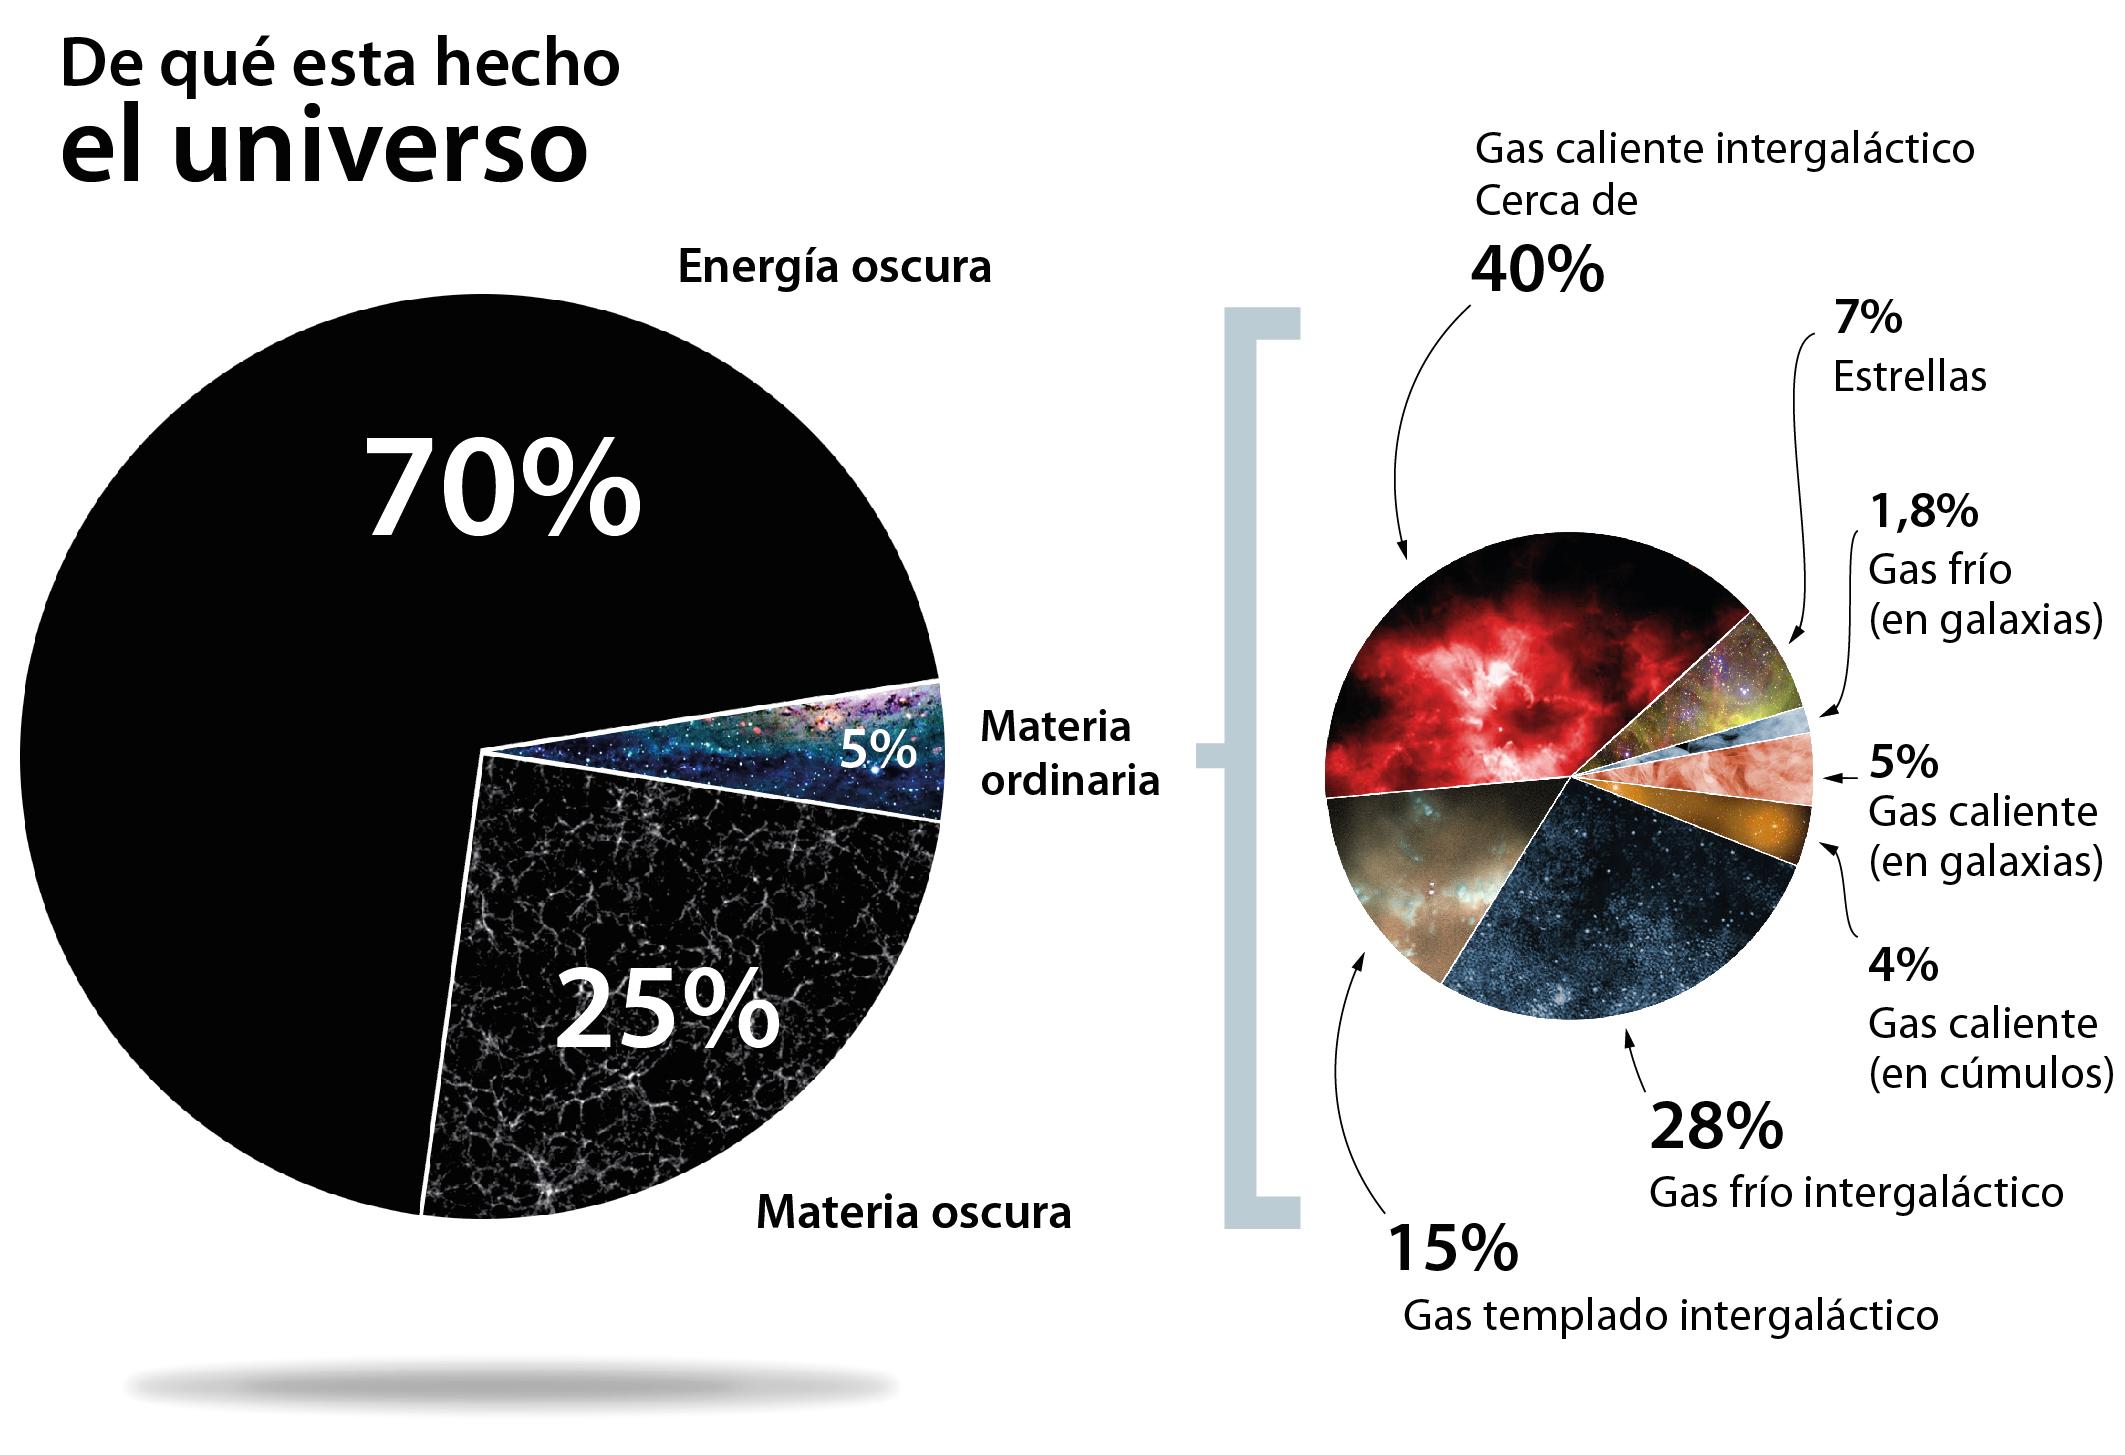 La mayor parte de la materia y de la energía del Universo no es como la que conocemos, la ordinaria. Dentro de esta, solo una pequeña parte forma parte de estrellas. La mayor parte está en forma de gas, a distintas temperaturas y en diferentes lugares (entre galaxias, dentro de ellas o rodeando a cúmulos de galaxias). Los autores de este estudio han encontrado evidencias de gas caliente intergaláctico